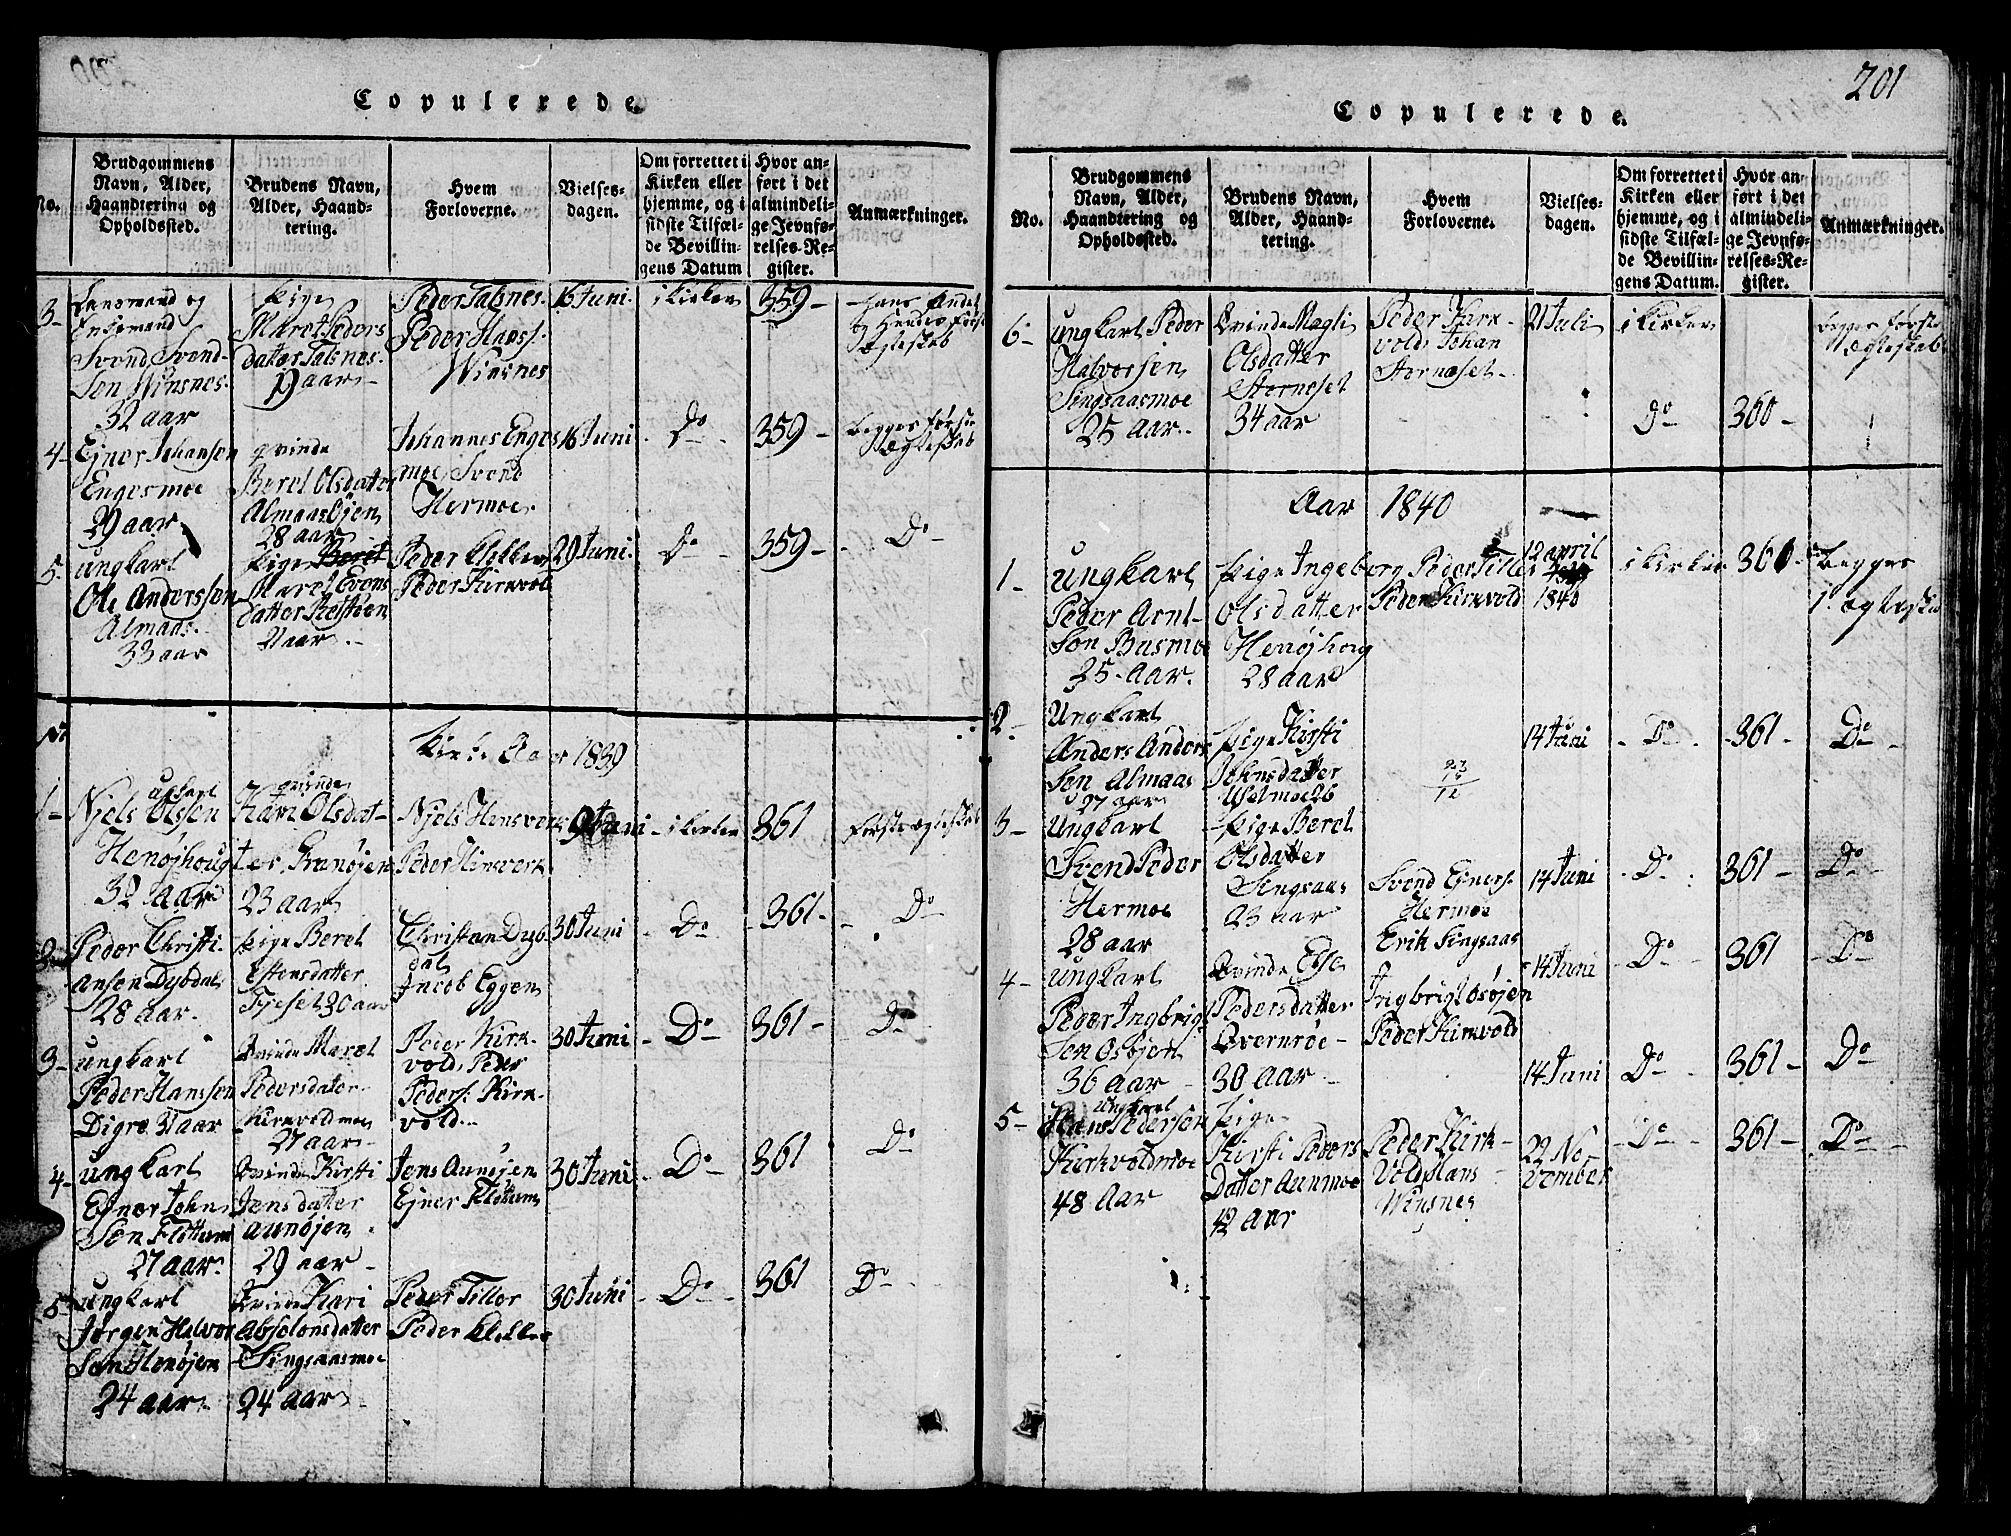 SAT, Ministerialprotokoller, klokkerbøker og fødselsregistre - Sør-Trøndelag, 688/L1026: Klokkerbok nr. 688C01, 1817-1860, s. 201